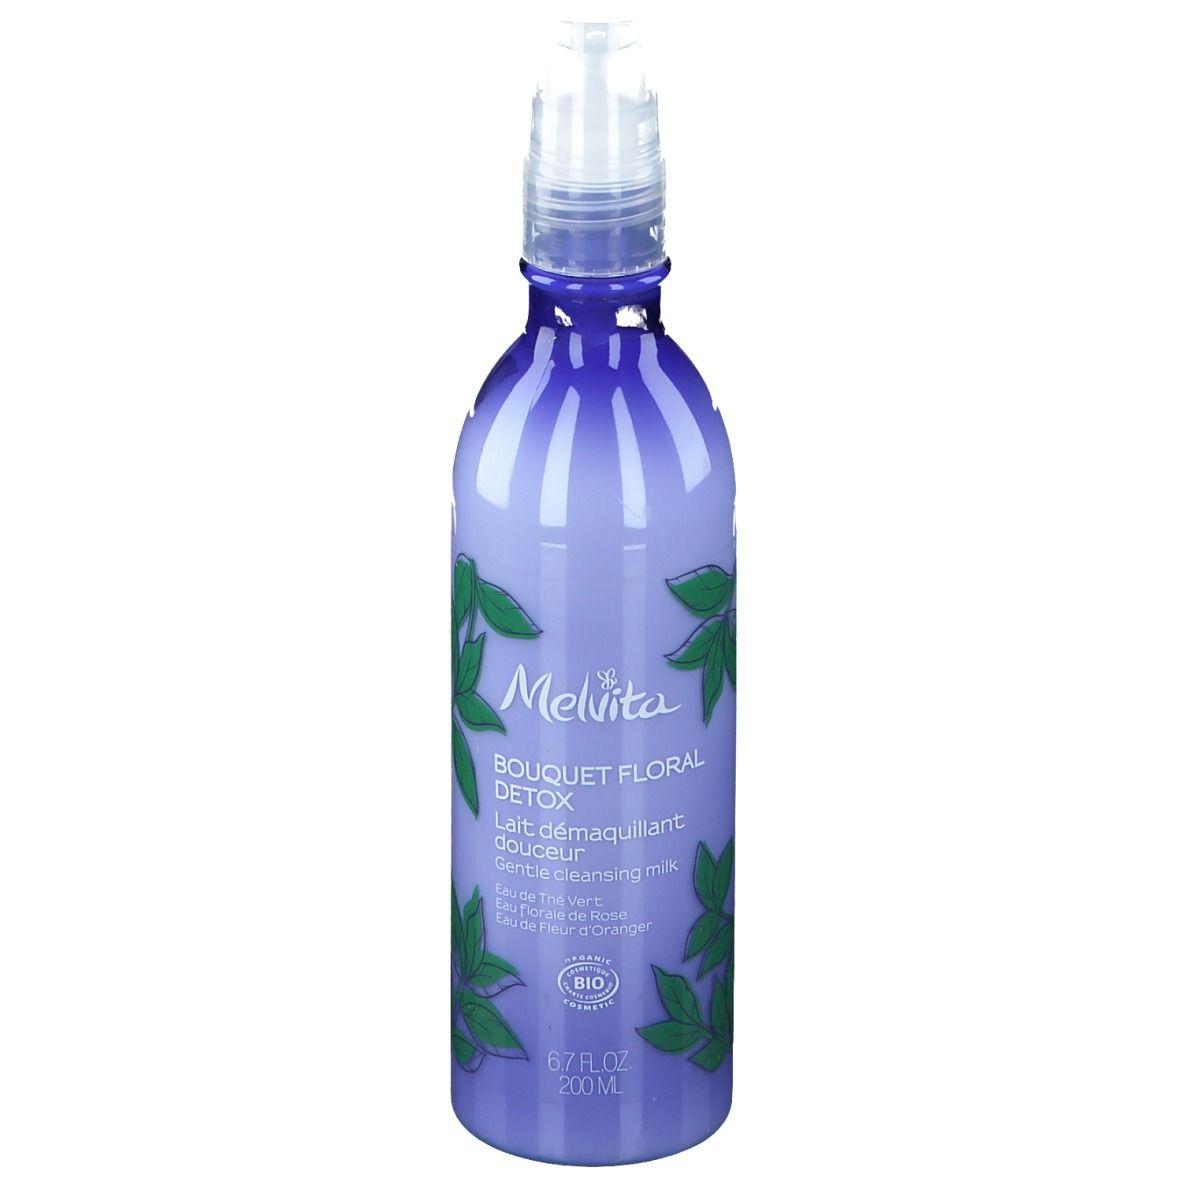 Melvita Bouquet Floral Detox Lait démaquillant douceur Bio Visage ml lait pour le visage